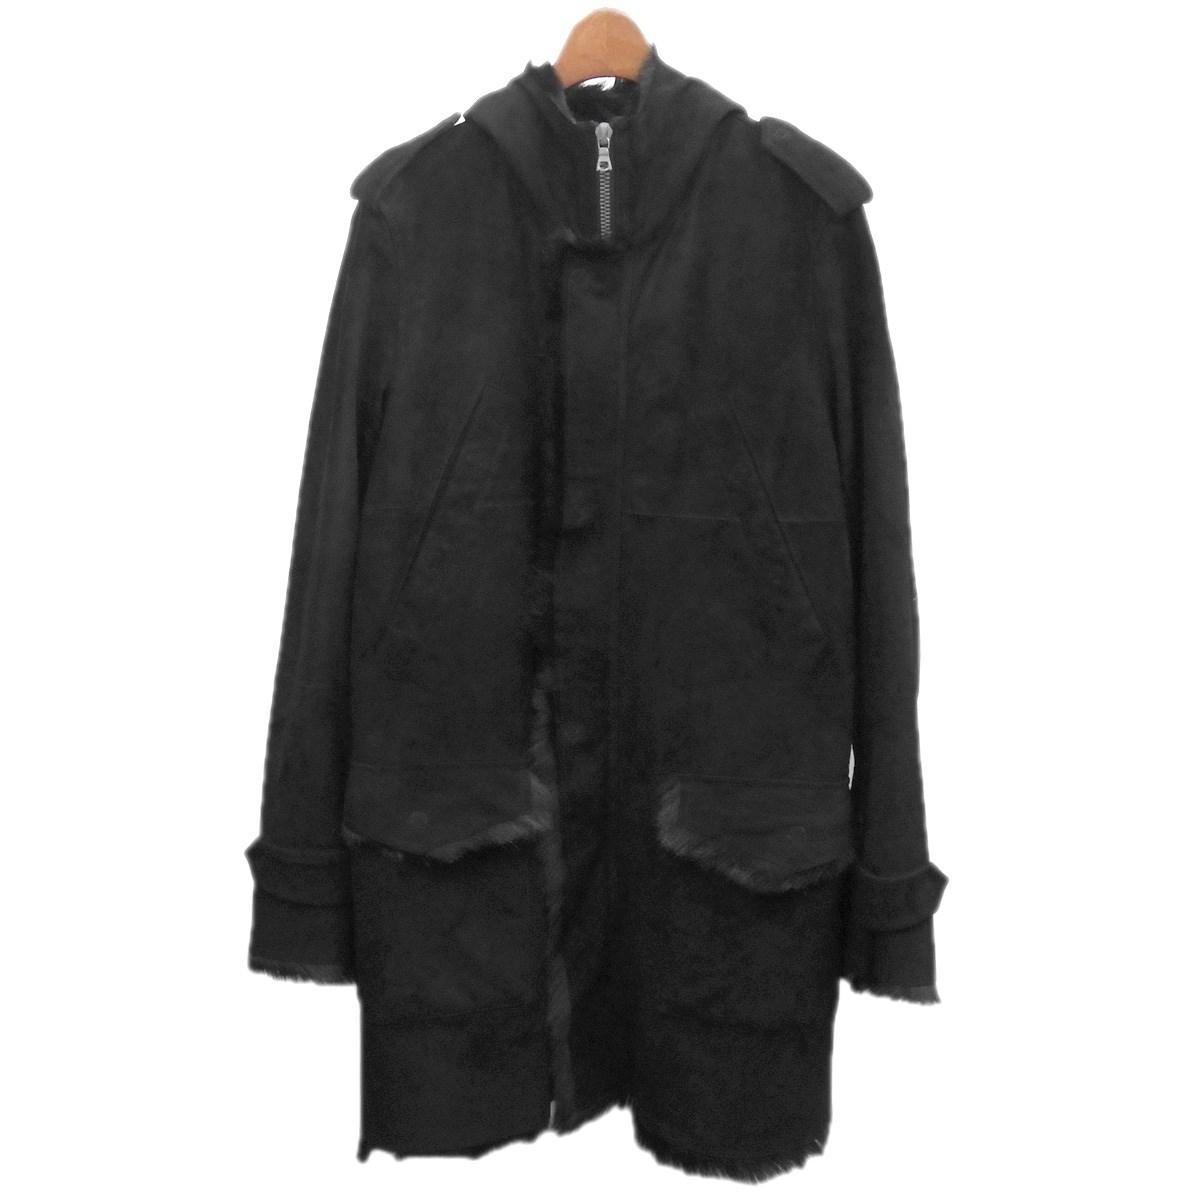 【中古】ISAMU KATAYAMA BACKLASHキッドコート ブラック サイズ:M【2月17日見直し】